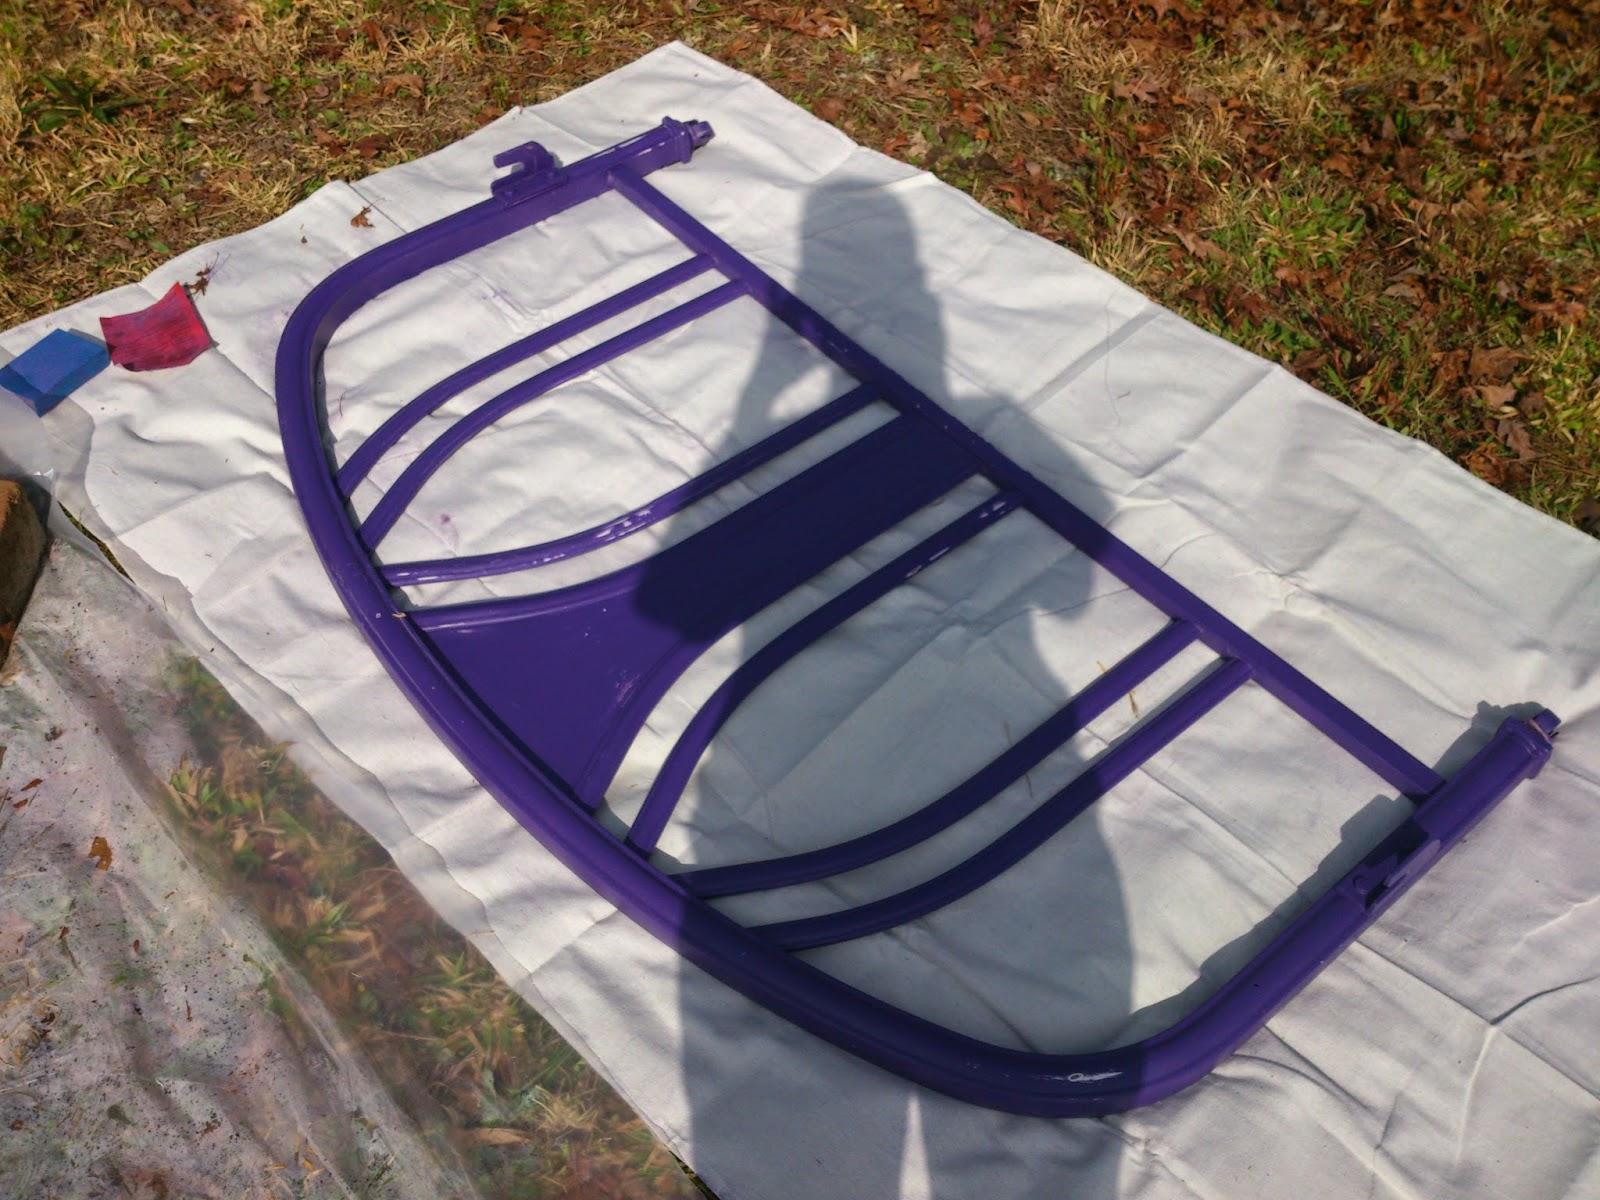 Painting Metal Bed Frame Turquoise Metal Turquoise Metal Atrisl